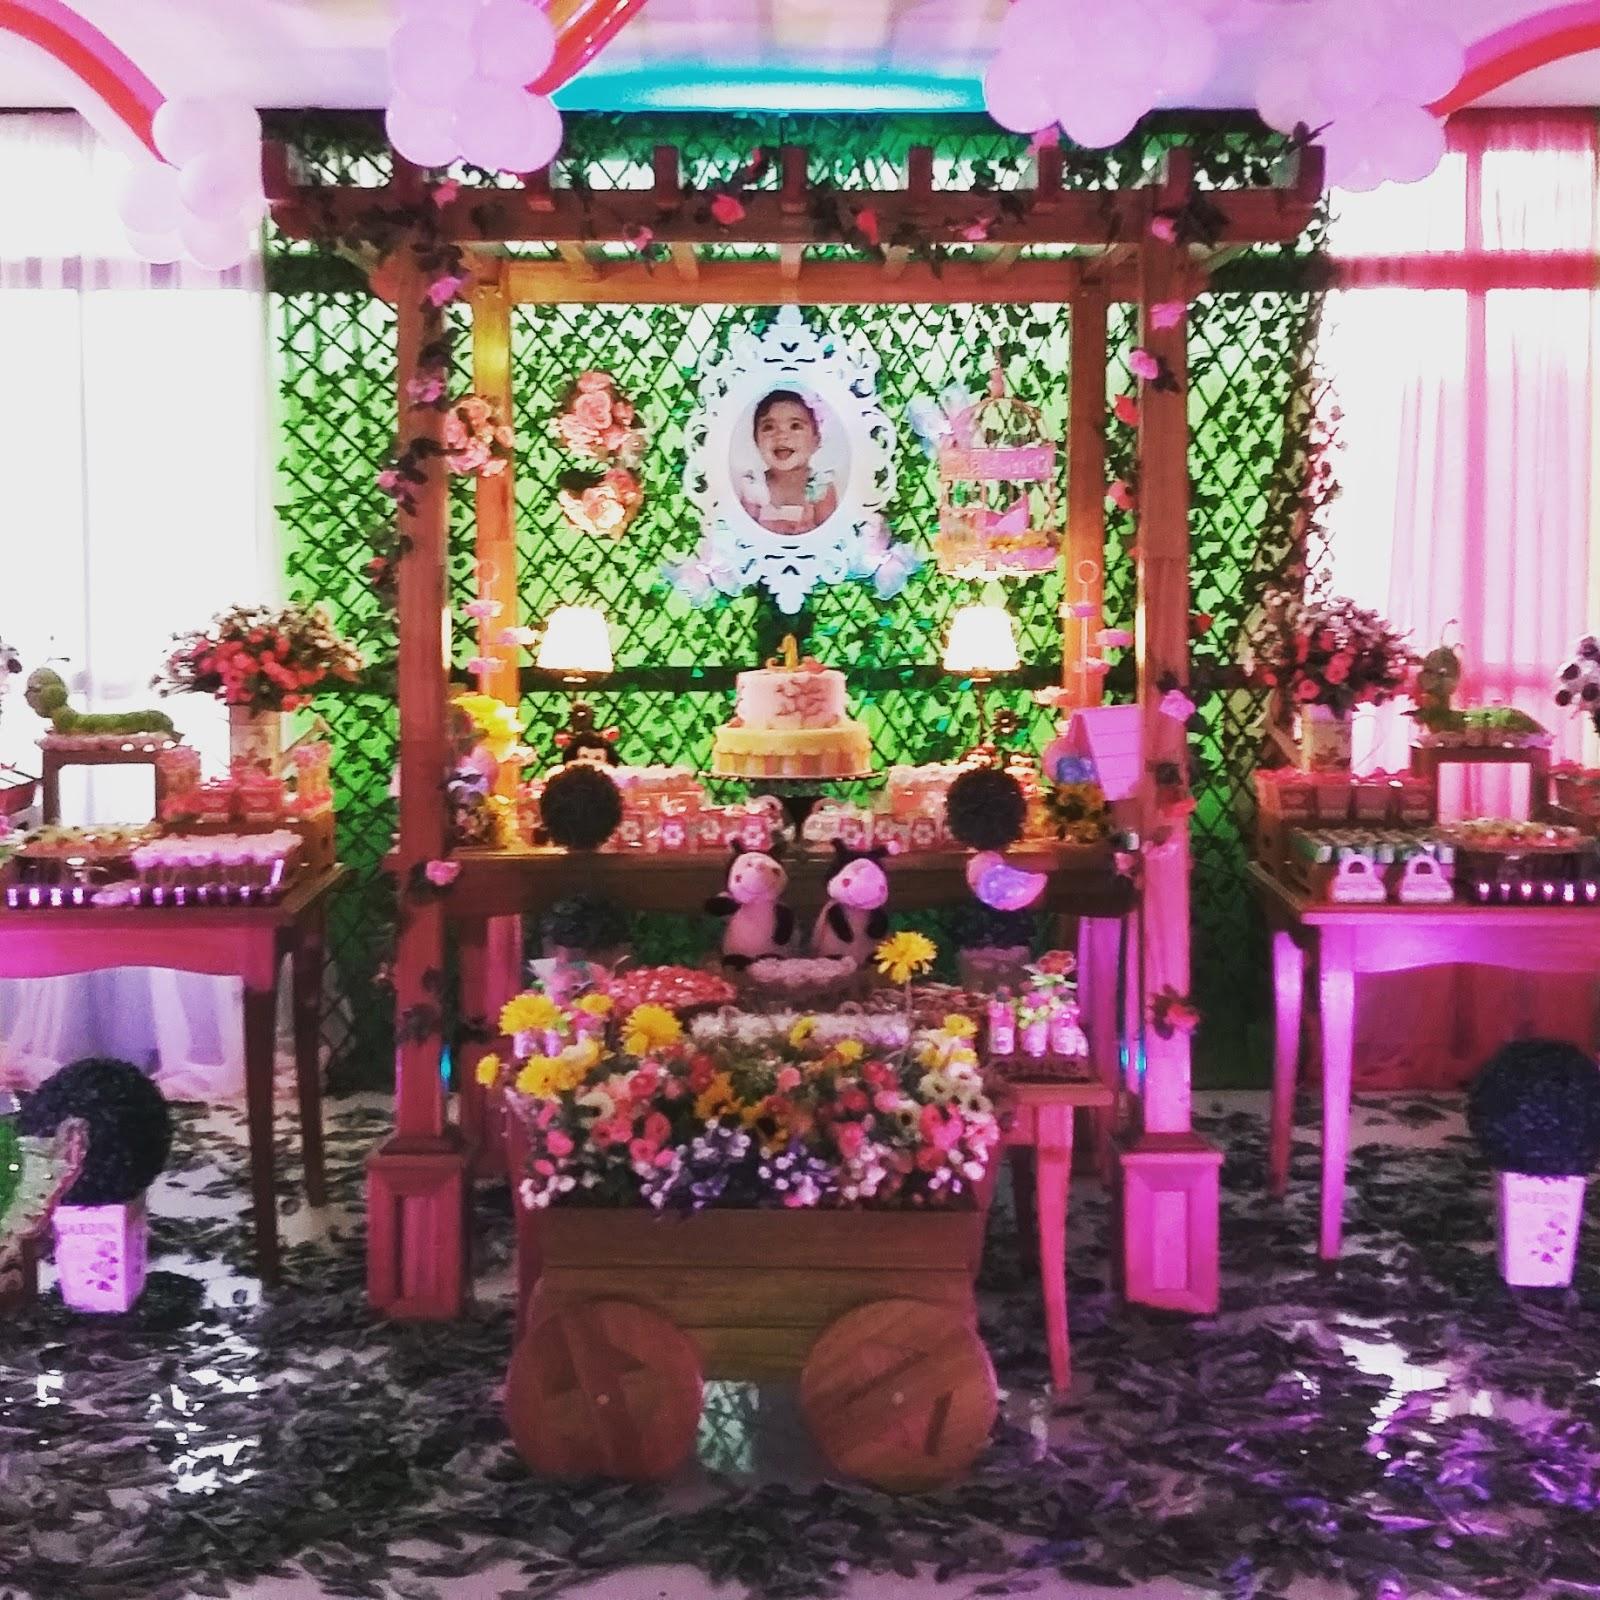 decoracao de aniversario tema jardim encantado:Jardim encantado da Paolla